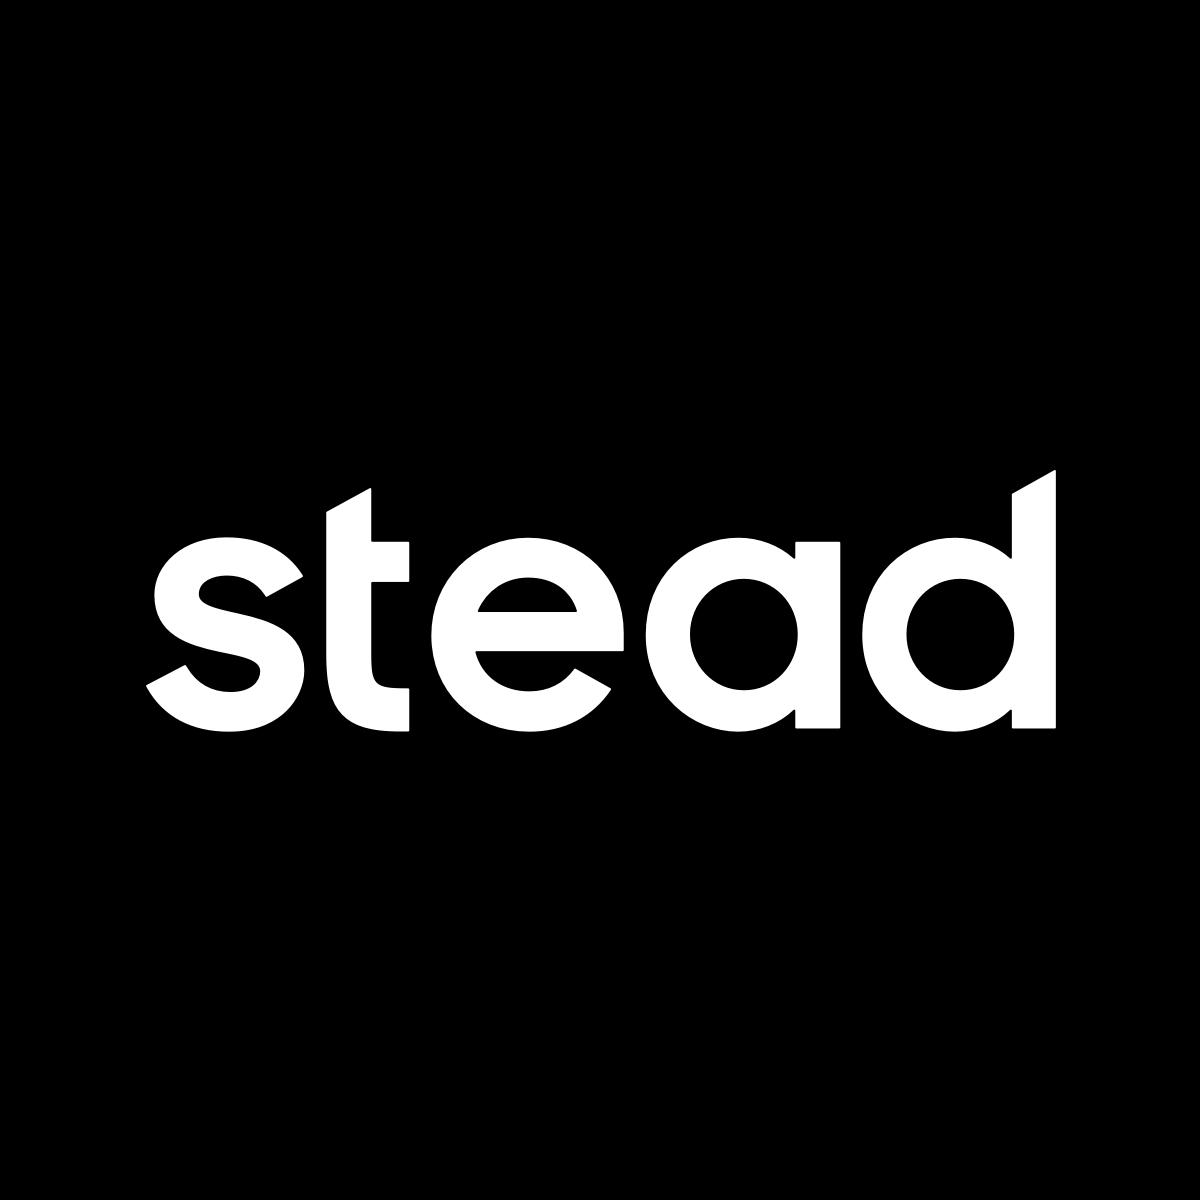 Stead Logo